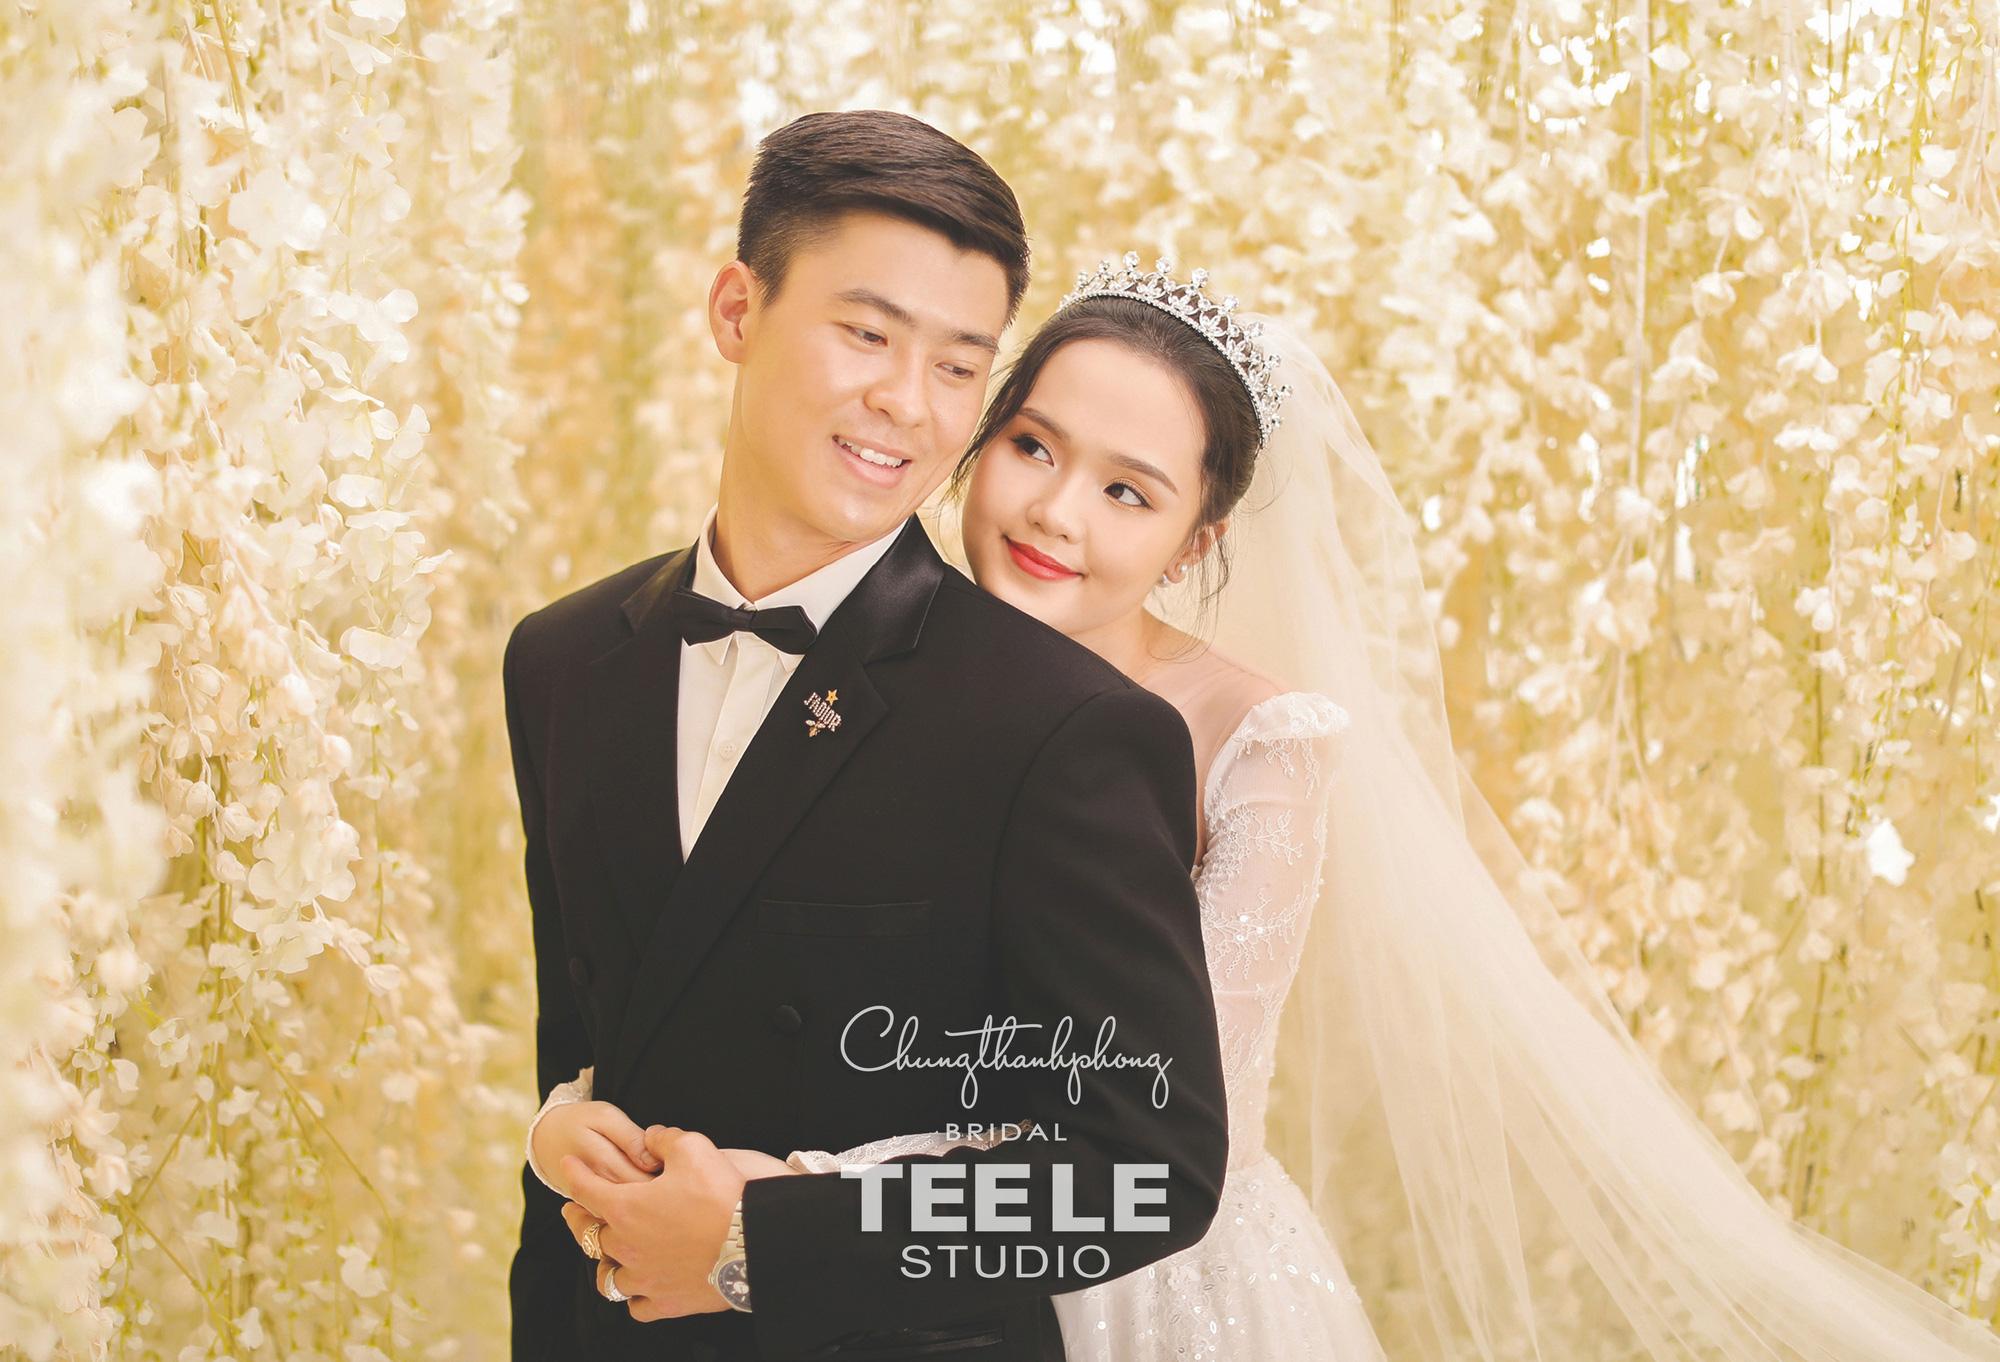 Chung Thanh Phong thực hiện trang phục cưới cho cặp đôi Duy Mạnh – Quỳnh Anh gói gọn trong 1 tuần - Ảnh 1.